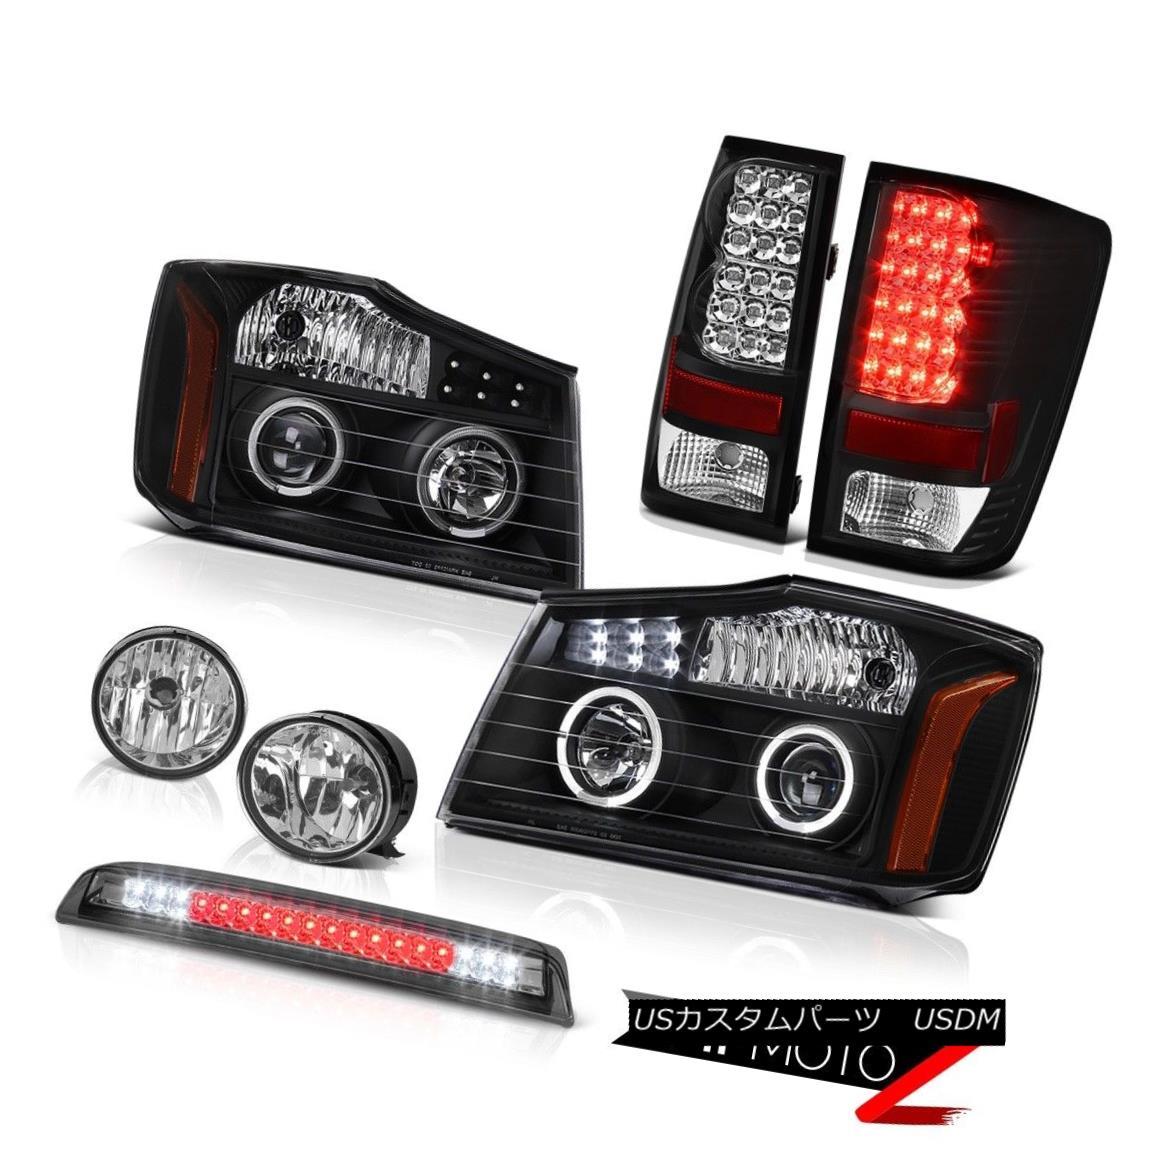 テールライト For 2004-2015 Titan Black Headlight Taillight SMD Halo Bumper Fog High LED Smoke 2004年?2015年タイタンブラックヘッドライトテールライトSMDハローバンパーフォグハイLED煙